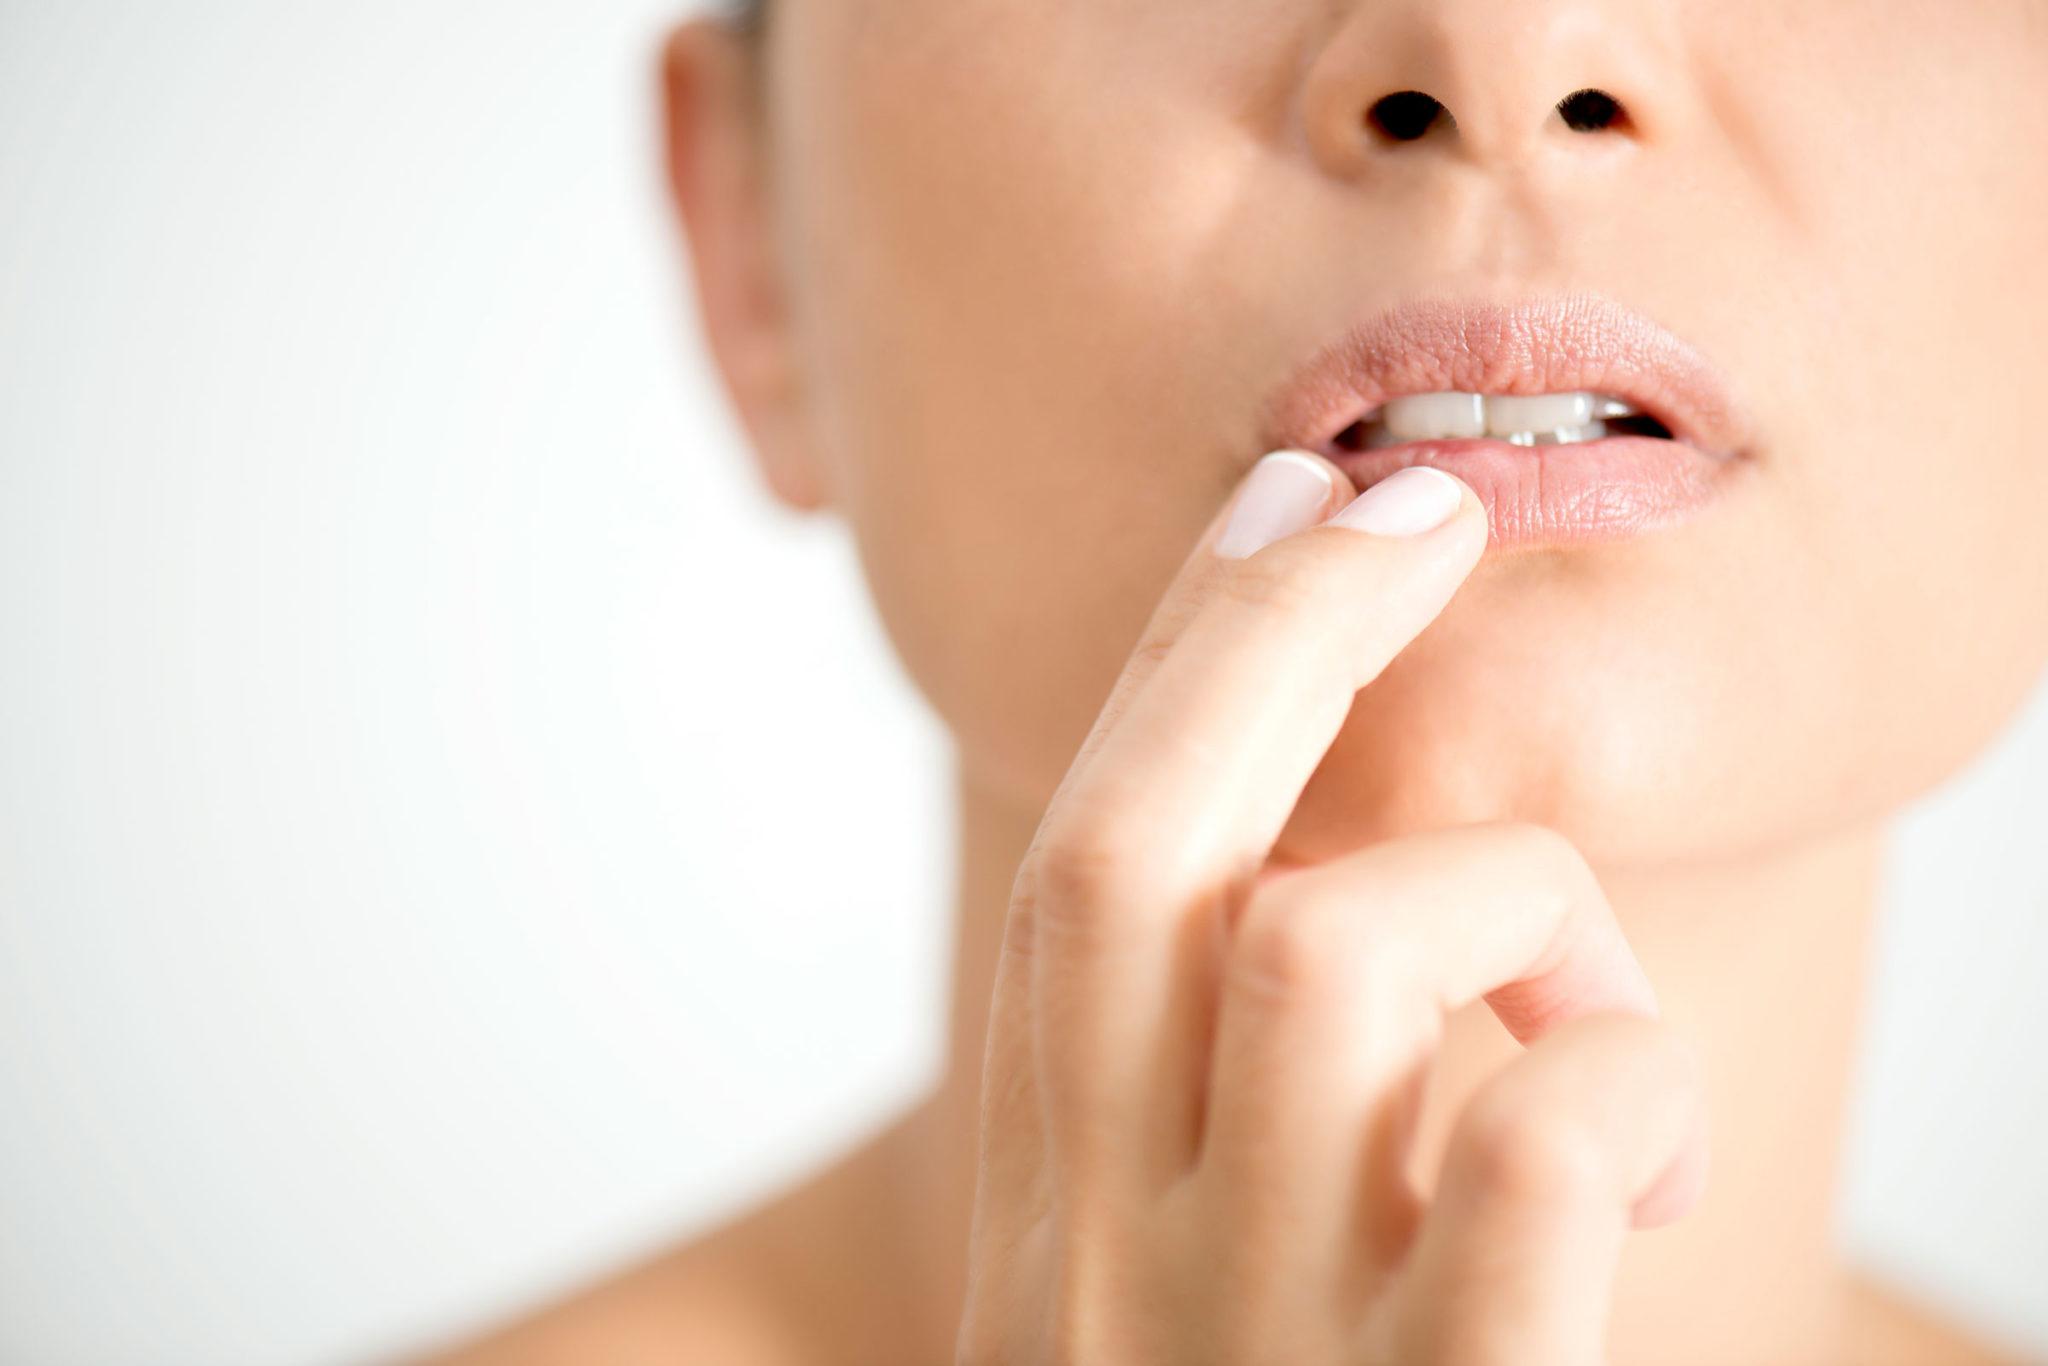 Cómo curar un herpes labial naturalmente